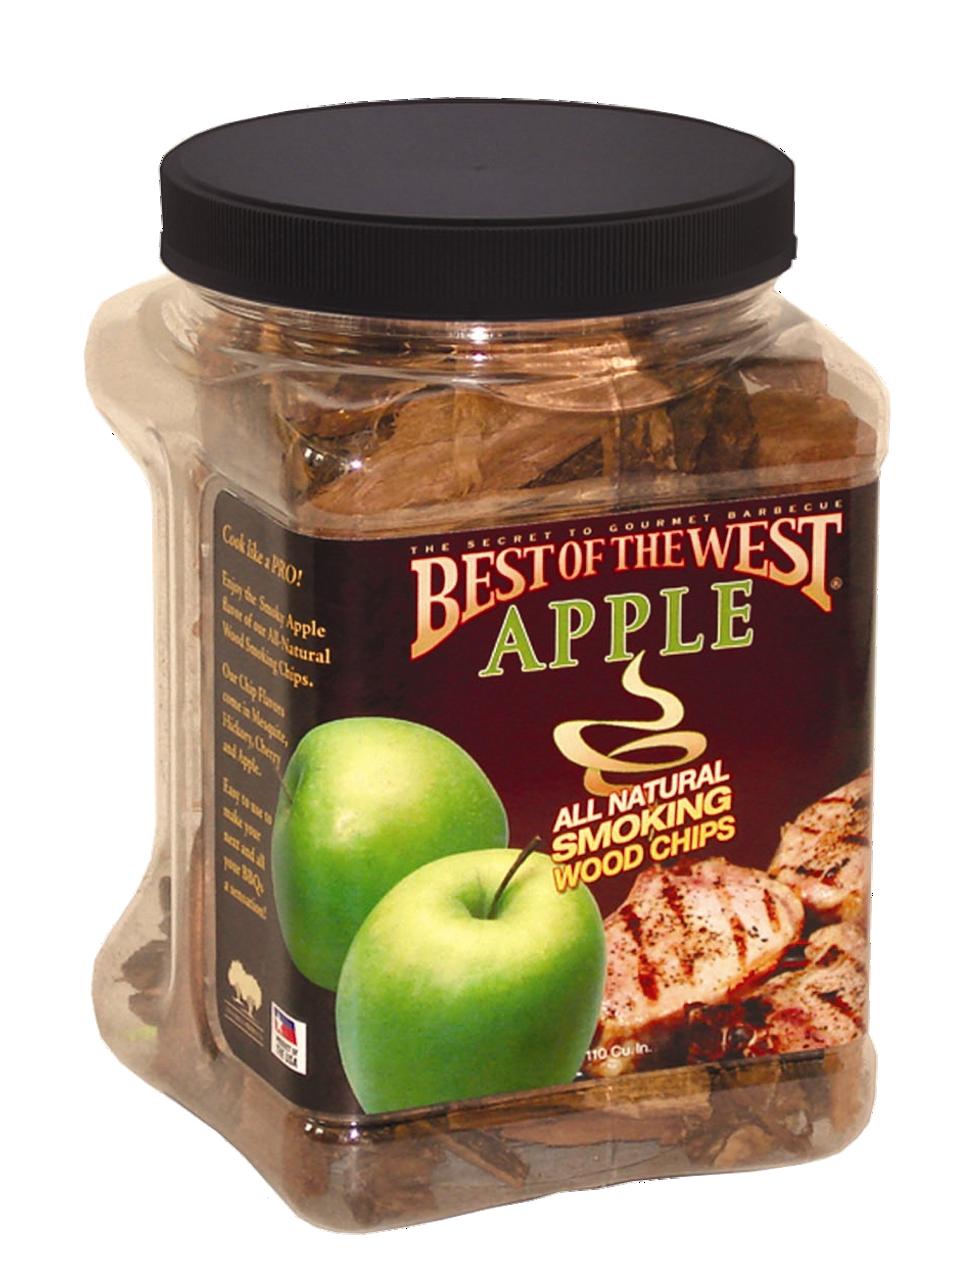 Wood Chip Jars